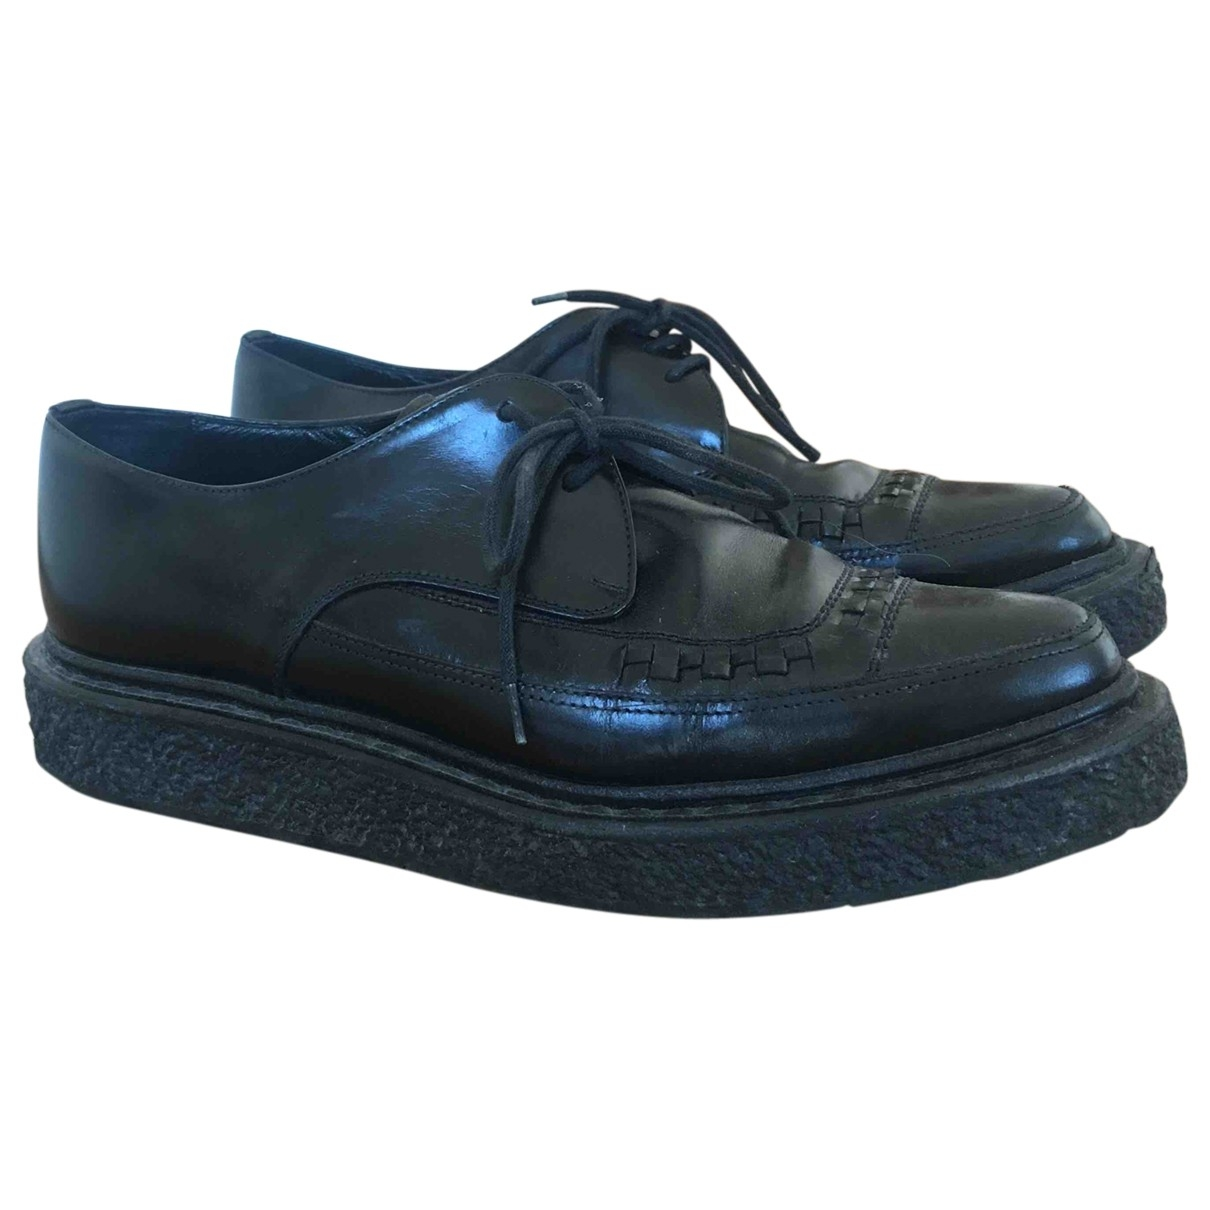 Saint Laurent \N Black Patent leather Lace ups for Women 37 EU